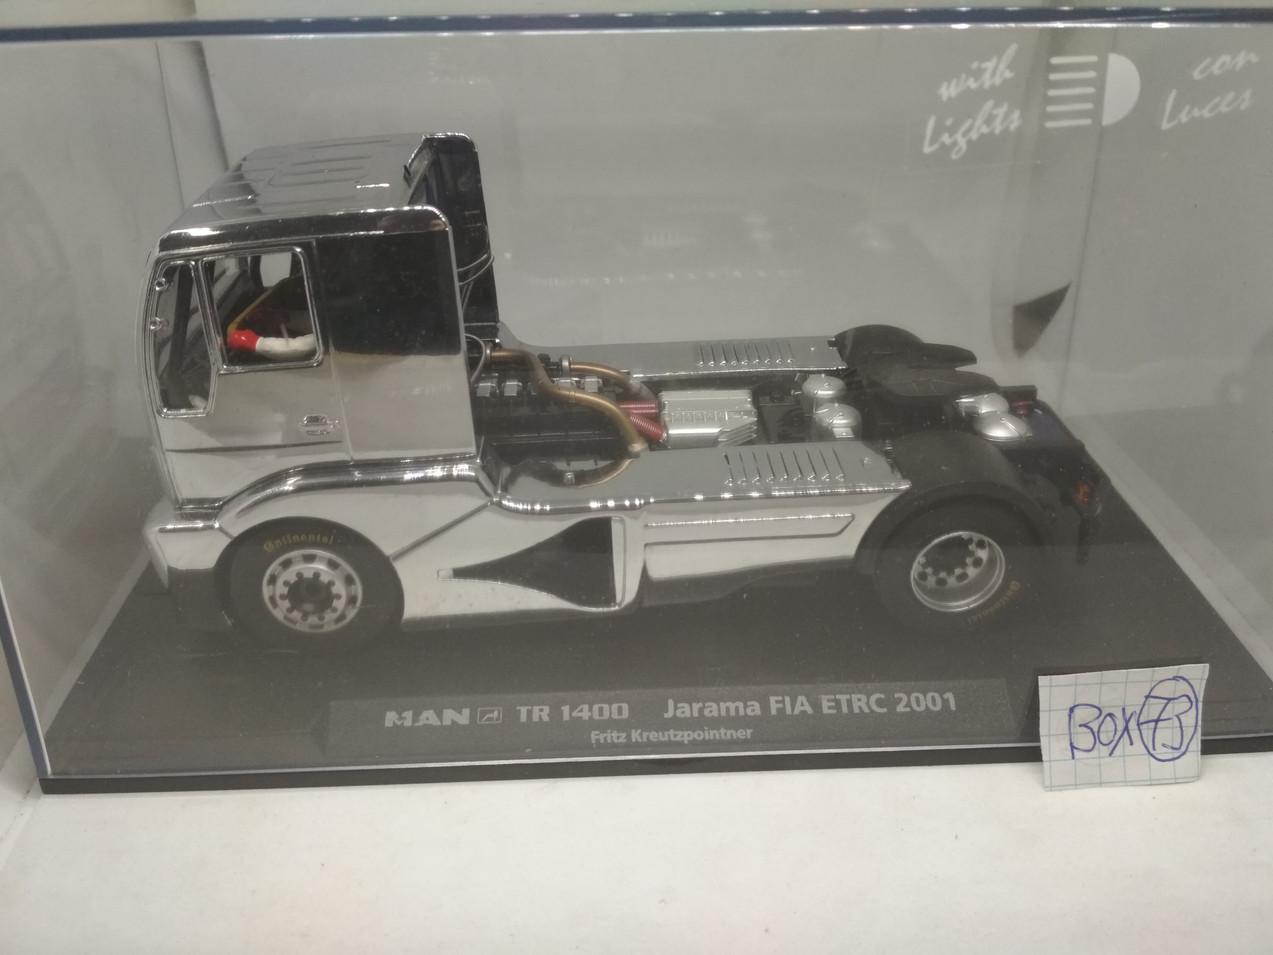 MAN TR 1400 JARAMA FIA ETRC 2001